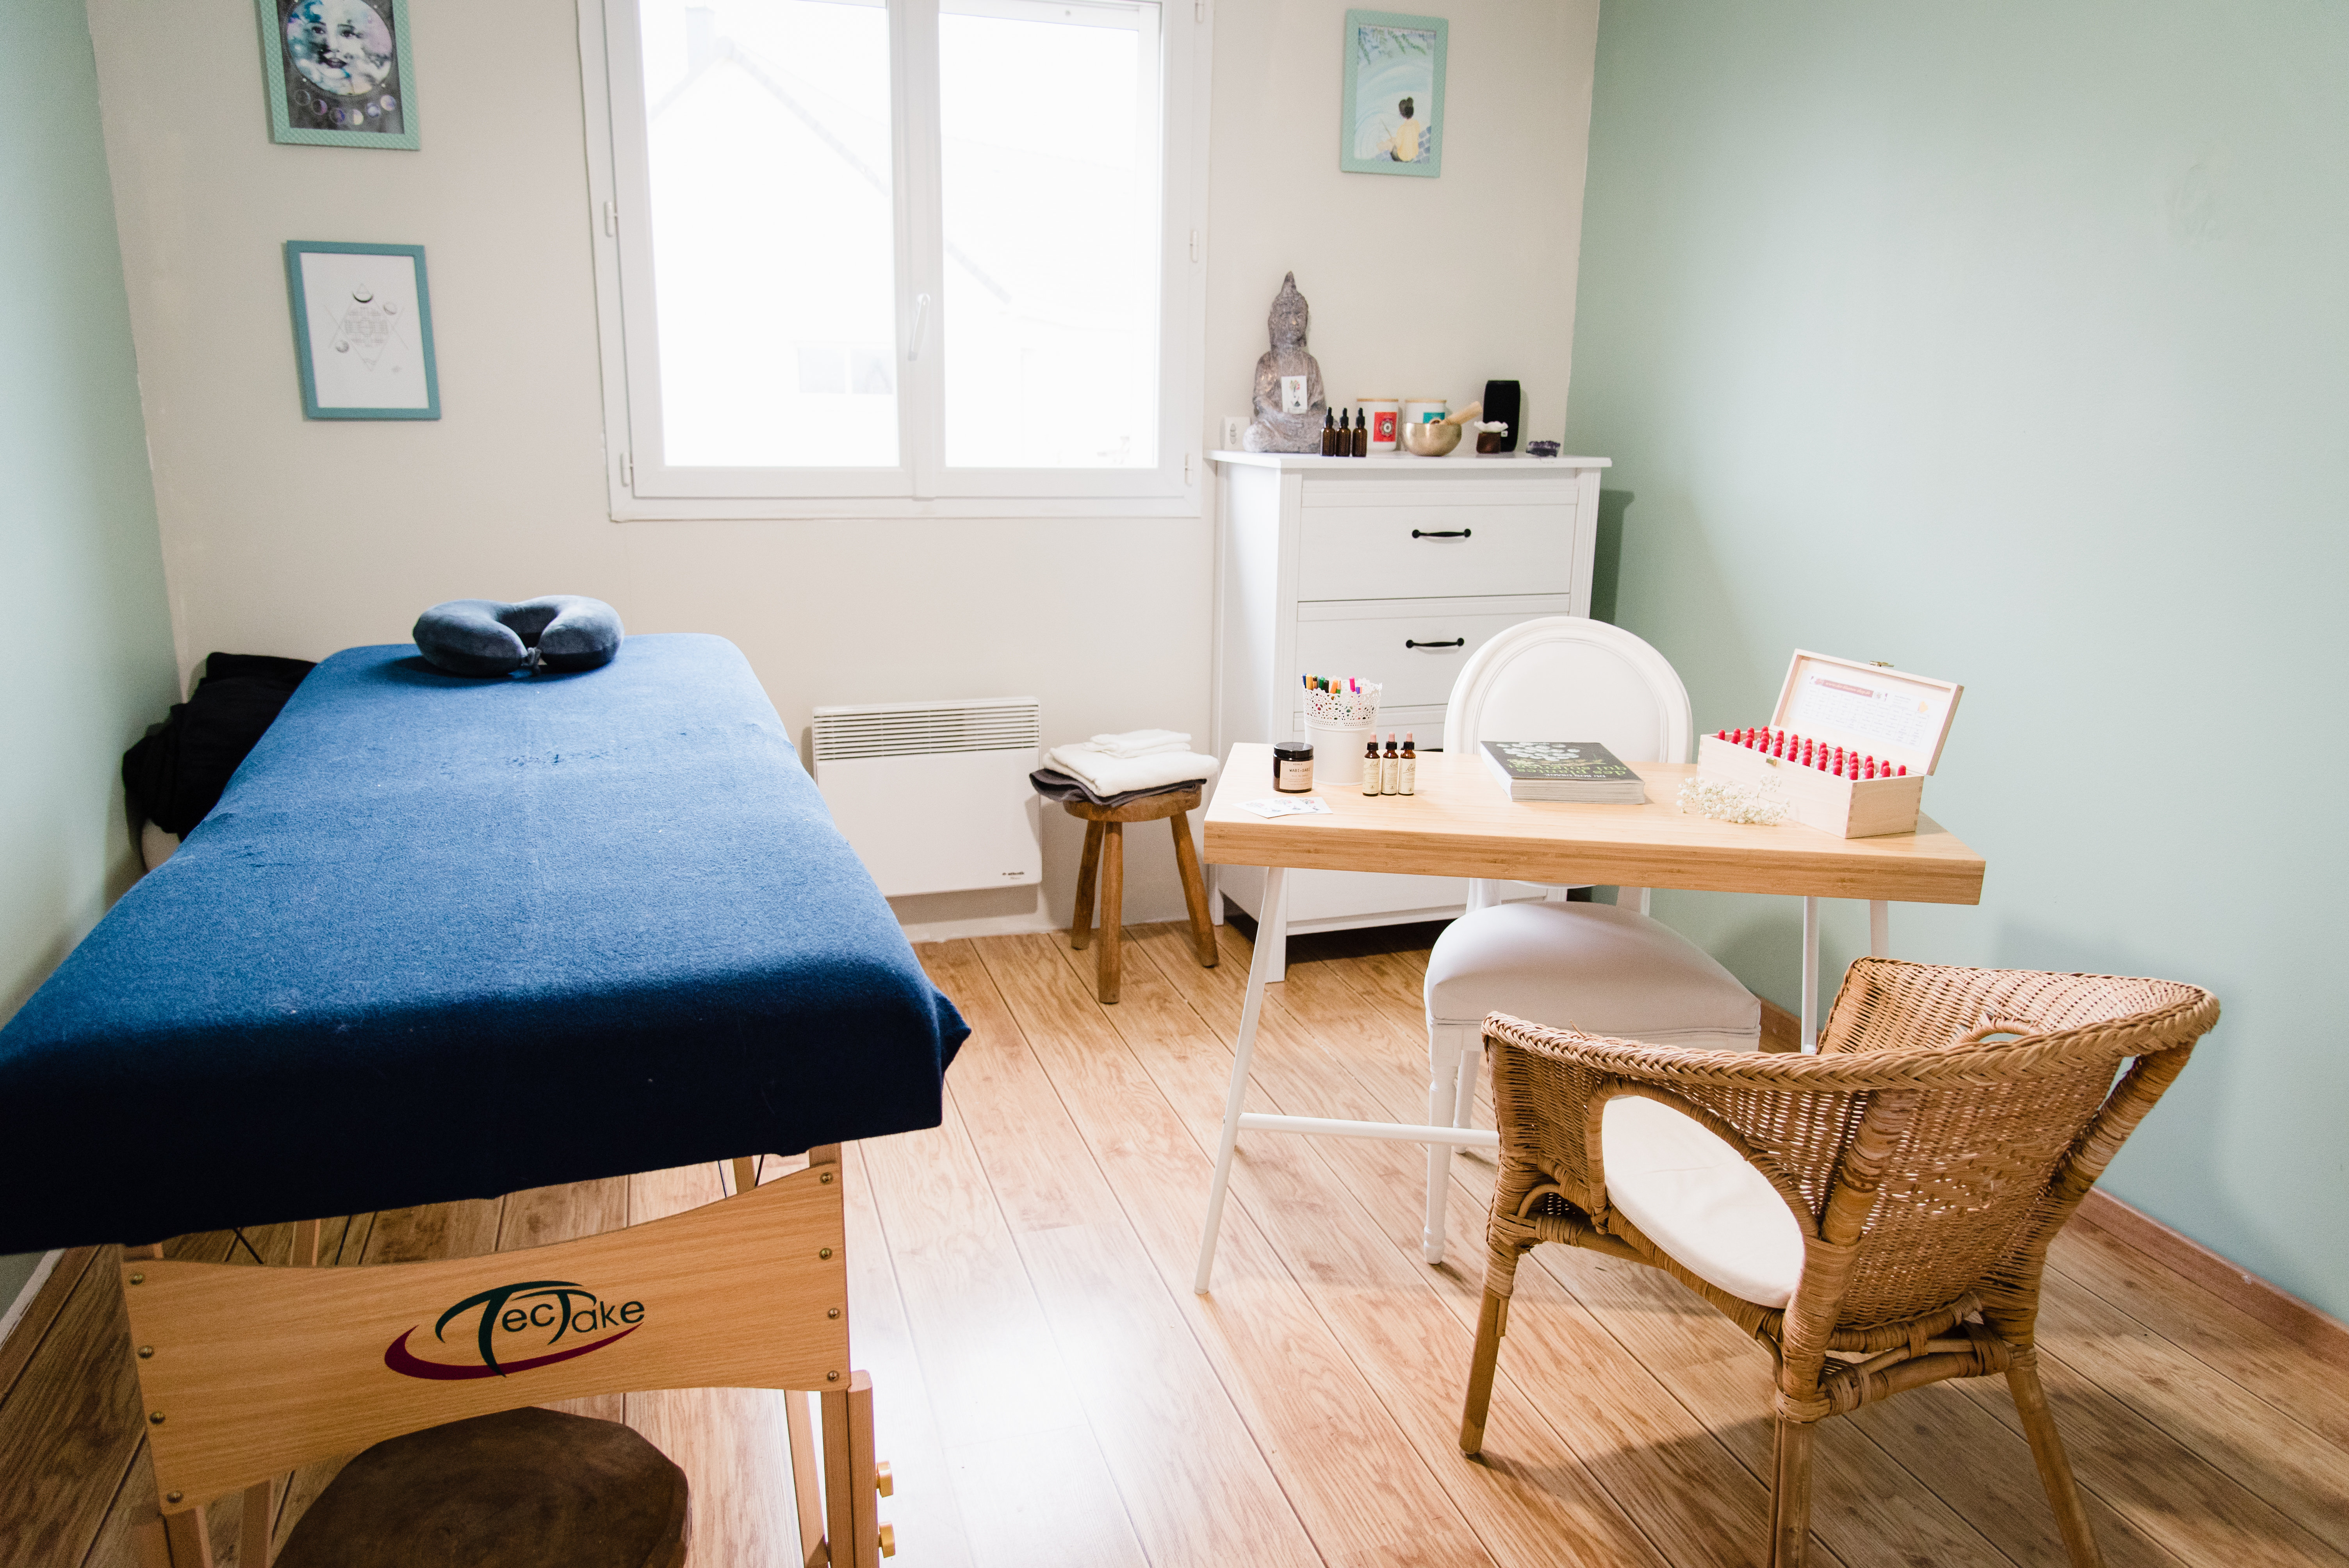 Réflexologie, plus qu'un simple massage